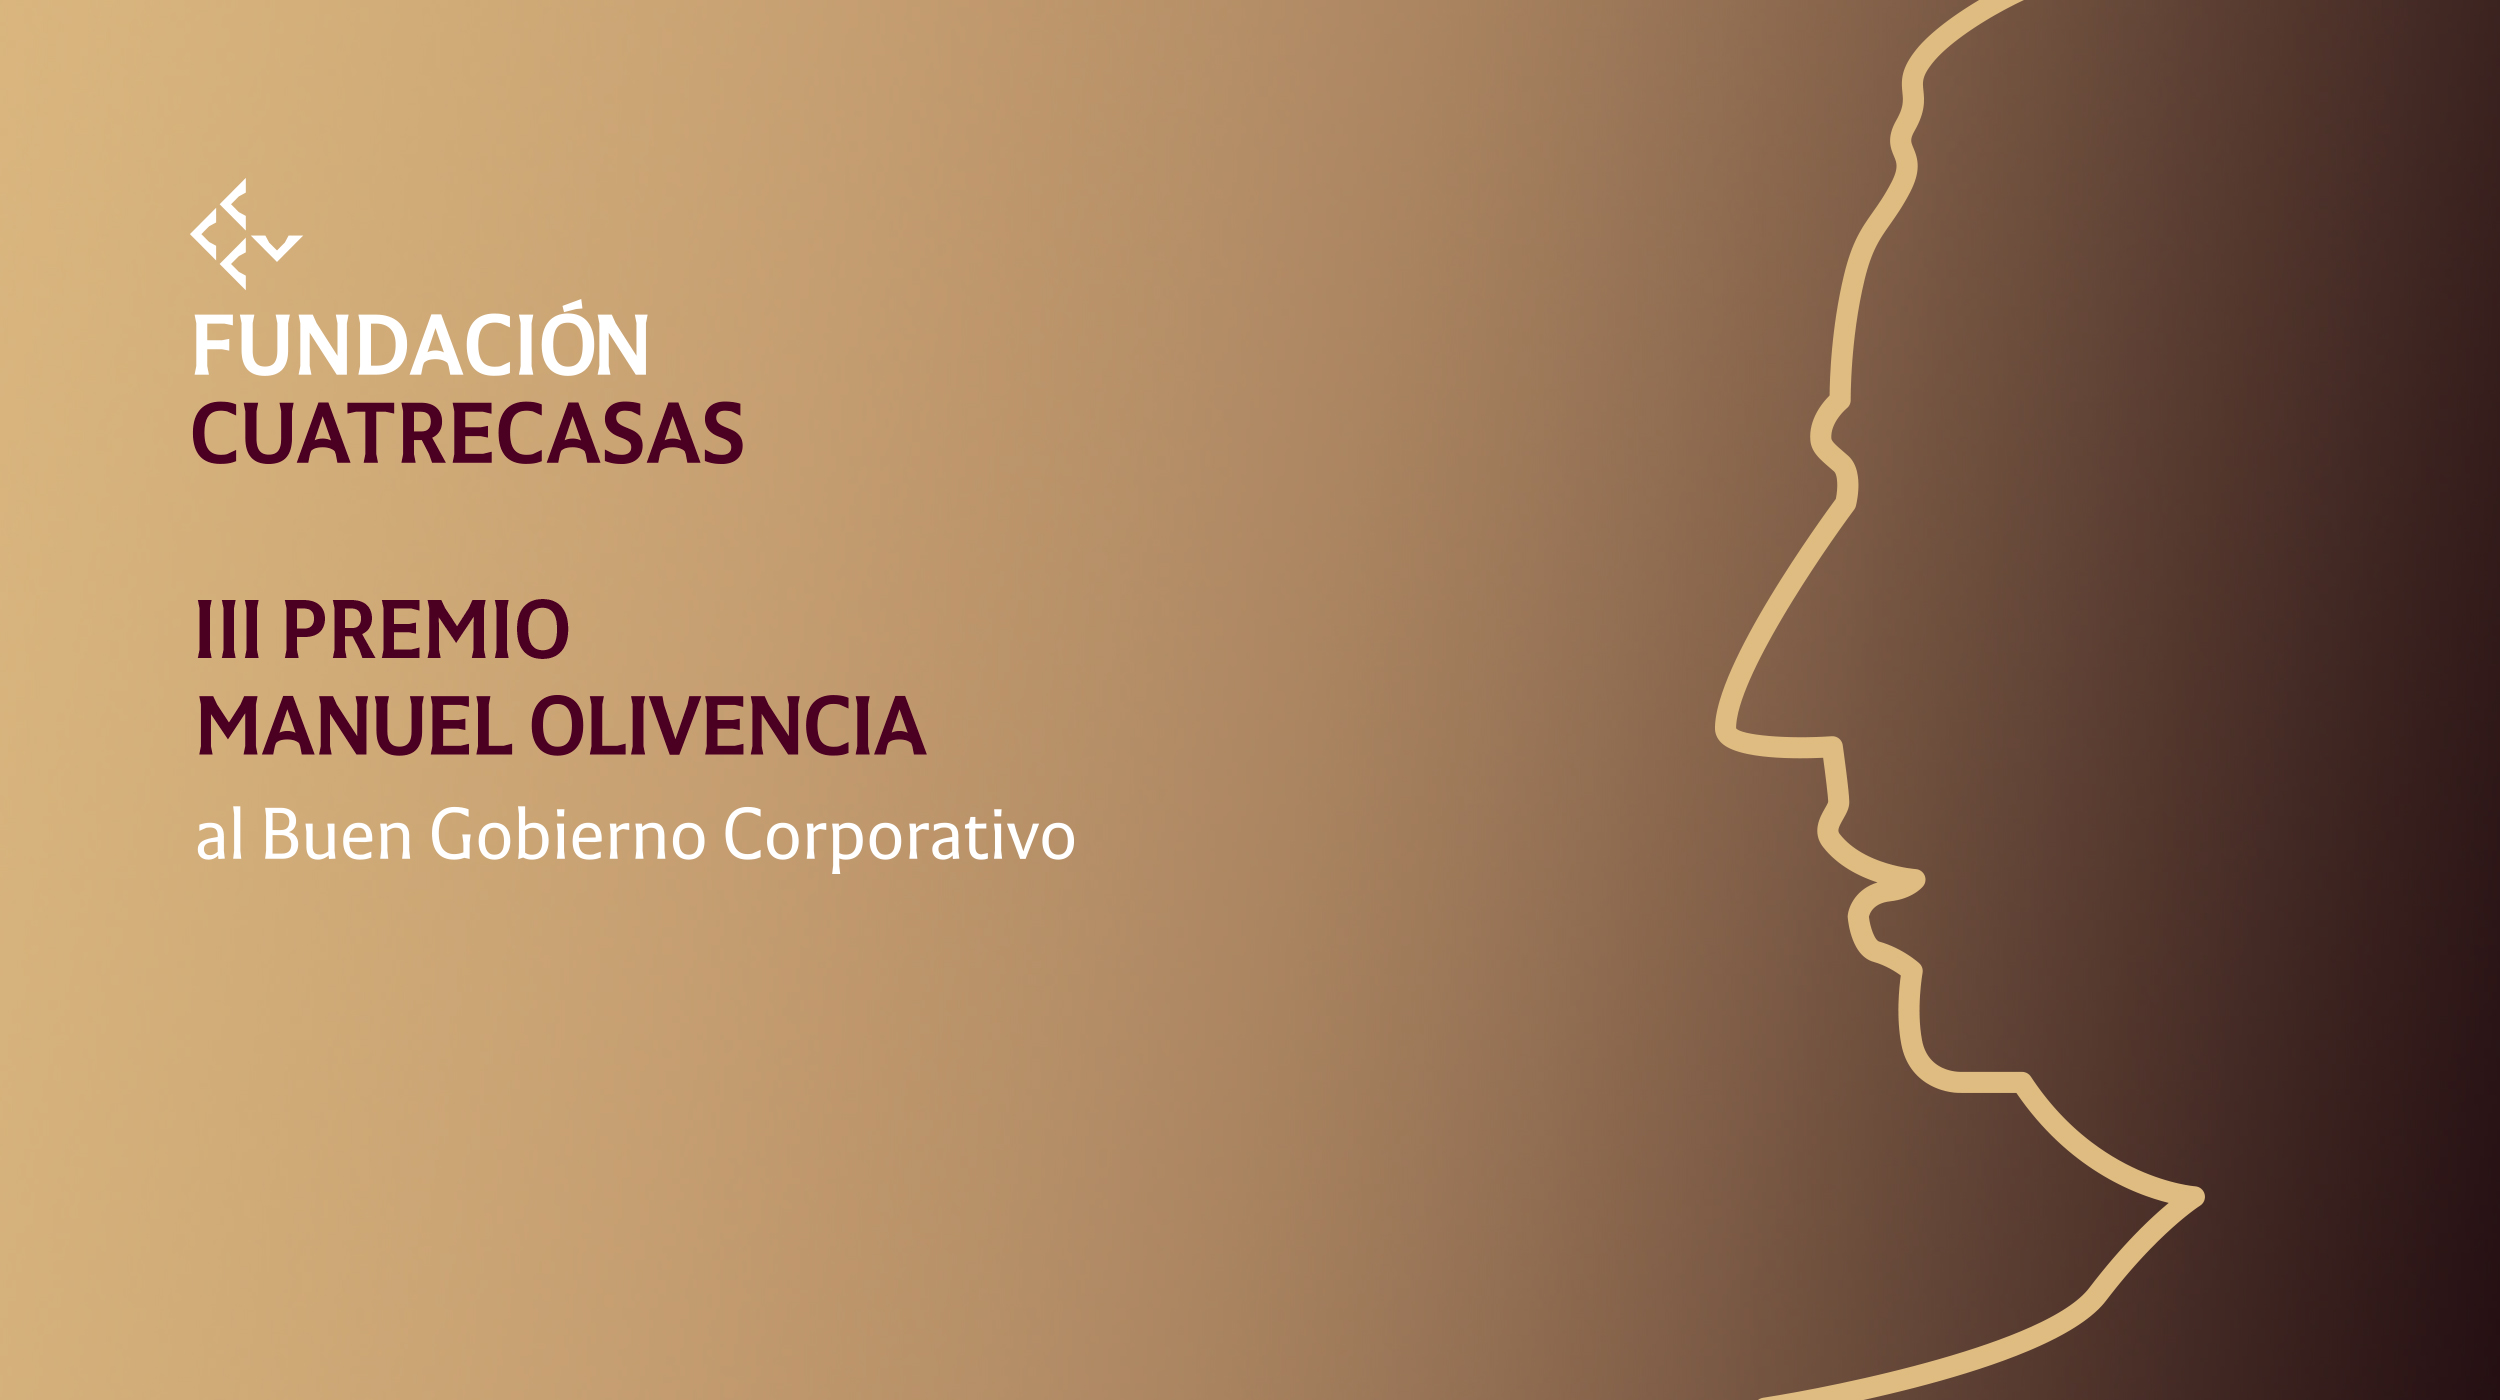 La III edición del Premio Manuel Olivencia de la Fundación Cuatrecasas reconocerá el buen gobierno en la gestión de la Covid-19